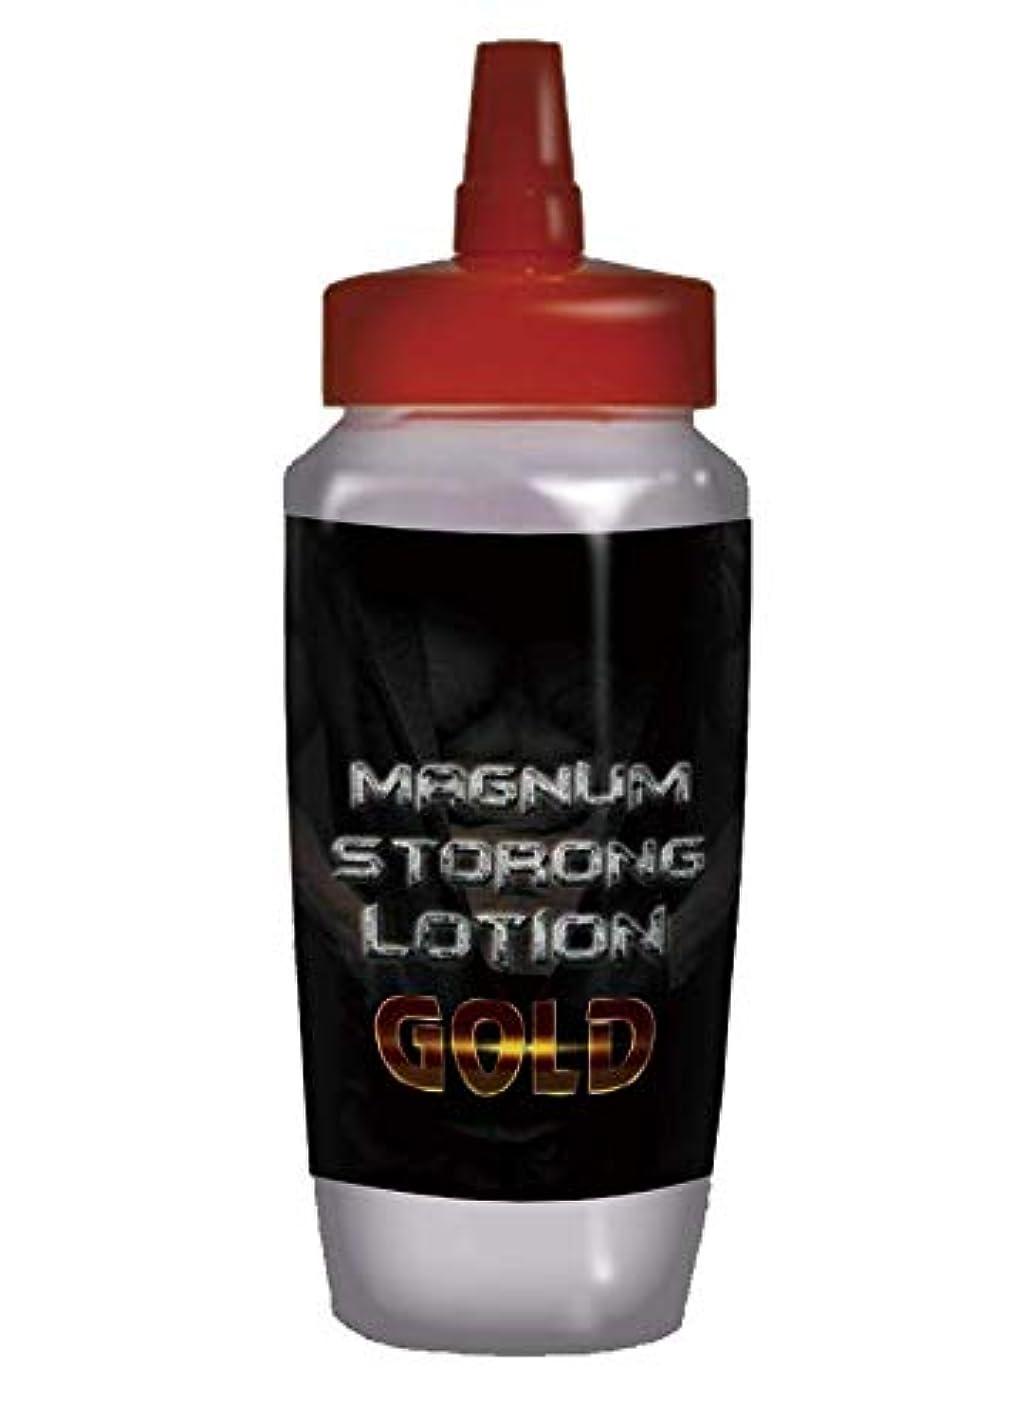 検査アルミニウムマリンMAGNUM STRONG LOTION GOLD【国内正規品】メンズマッサージジェル 増大ローション 360mlの大容量